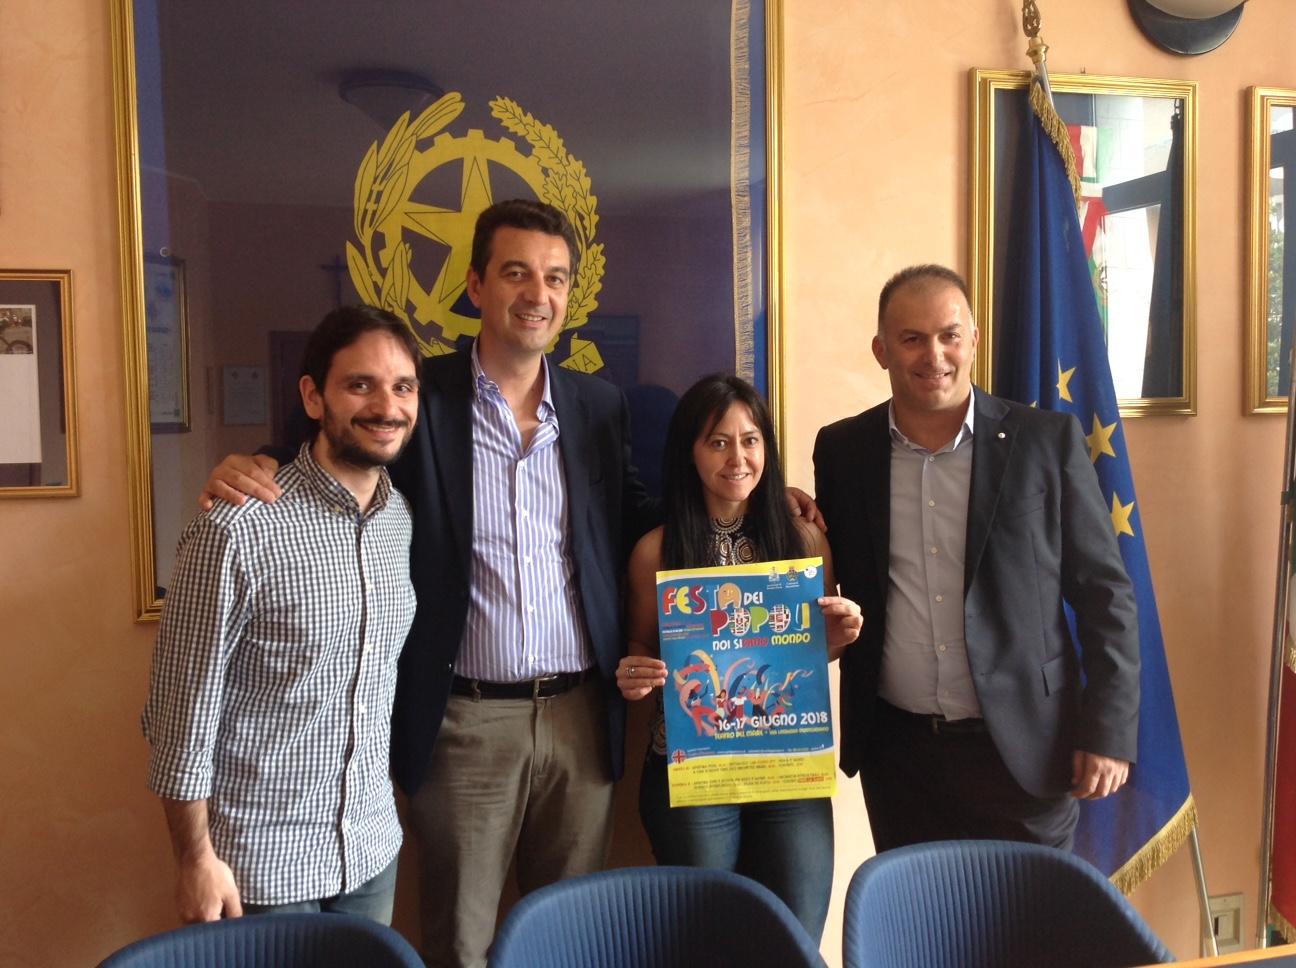 Integrazione, a Montesilvano la Festa dei Popoli 2018